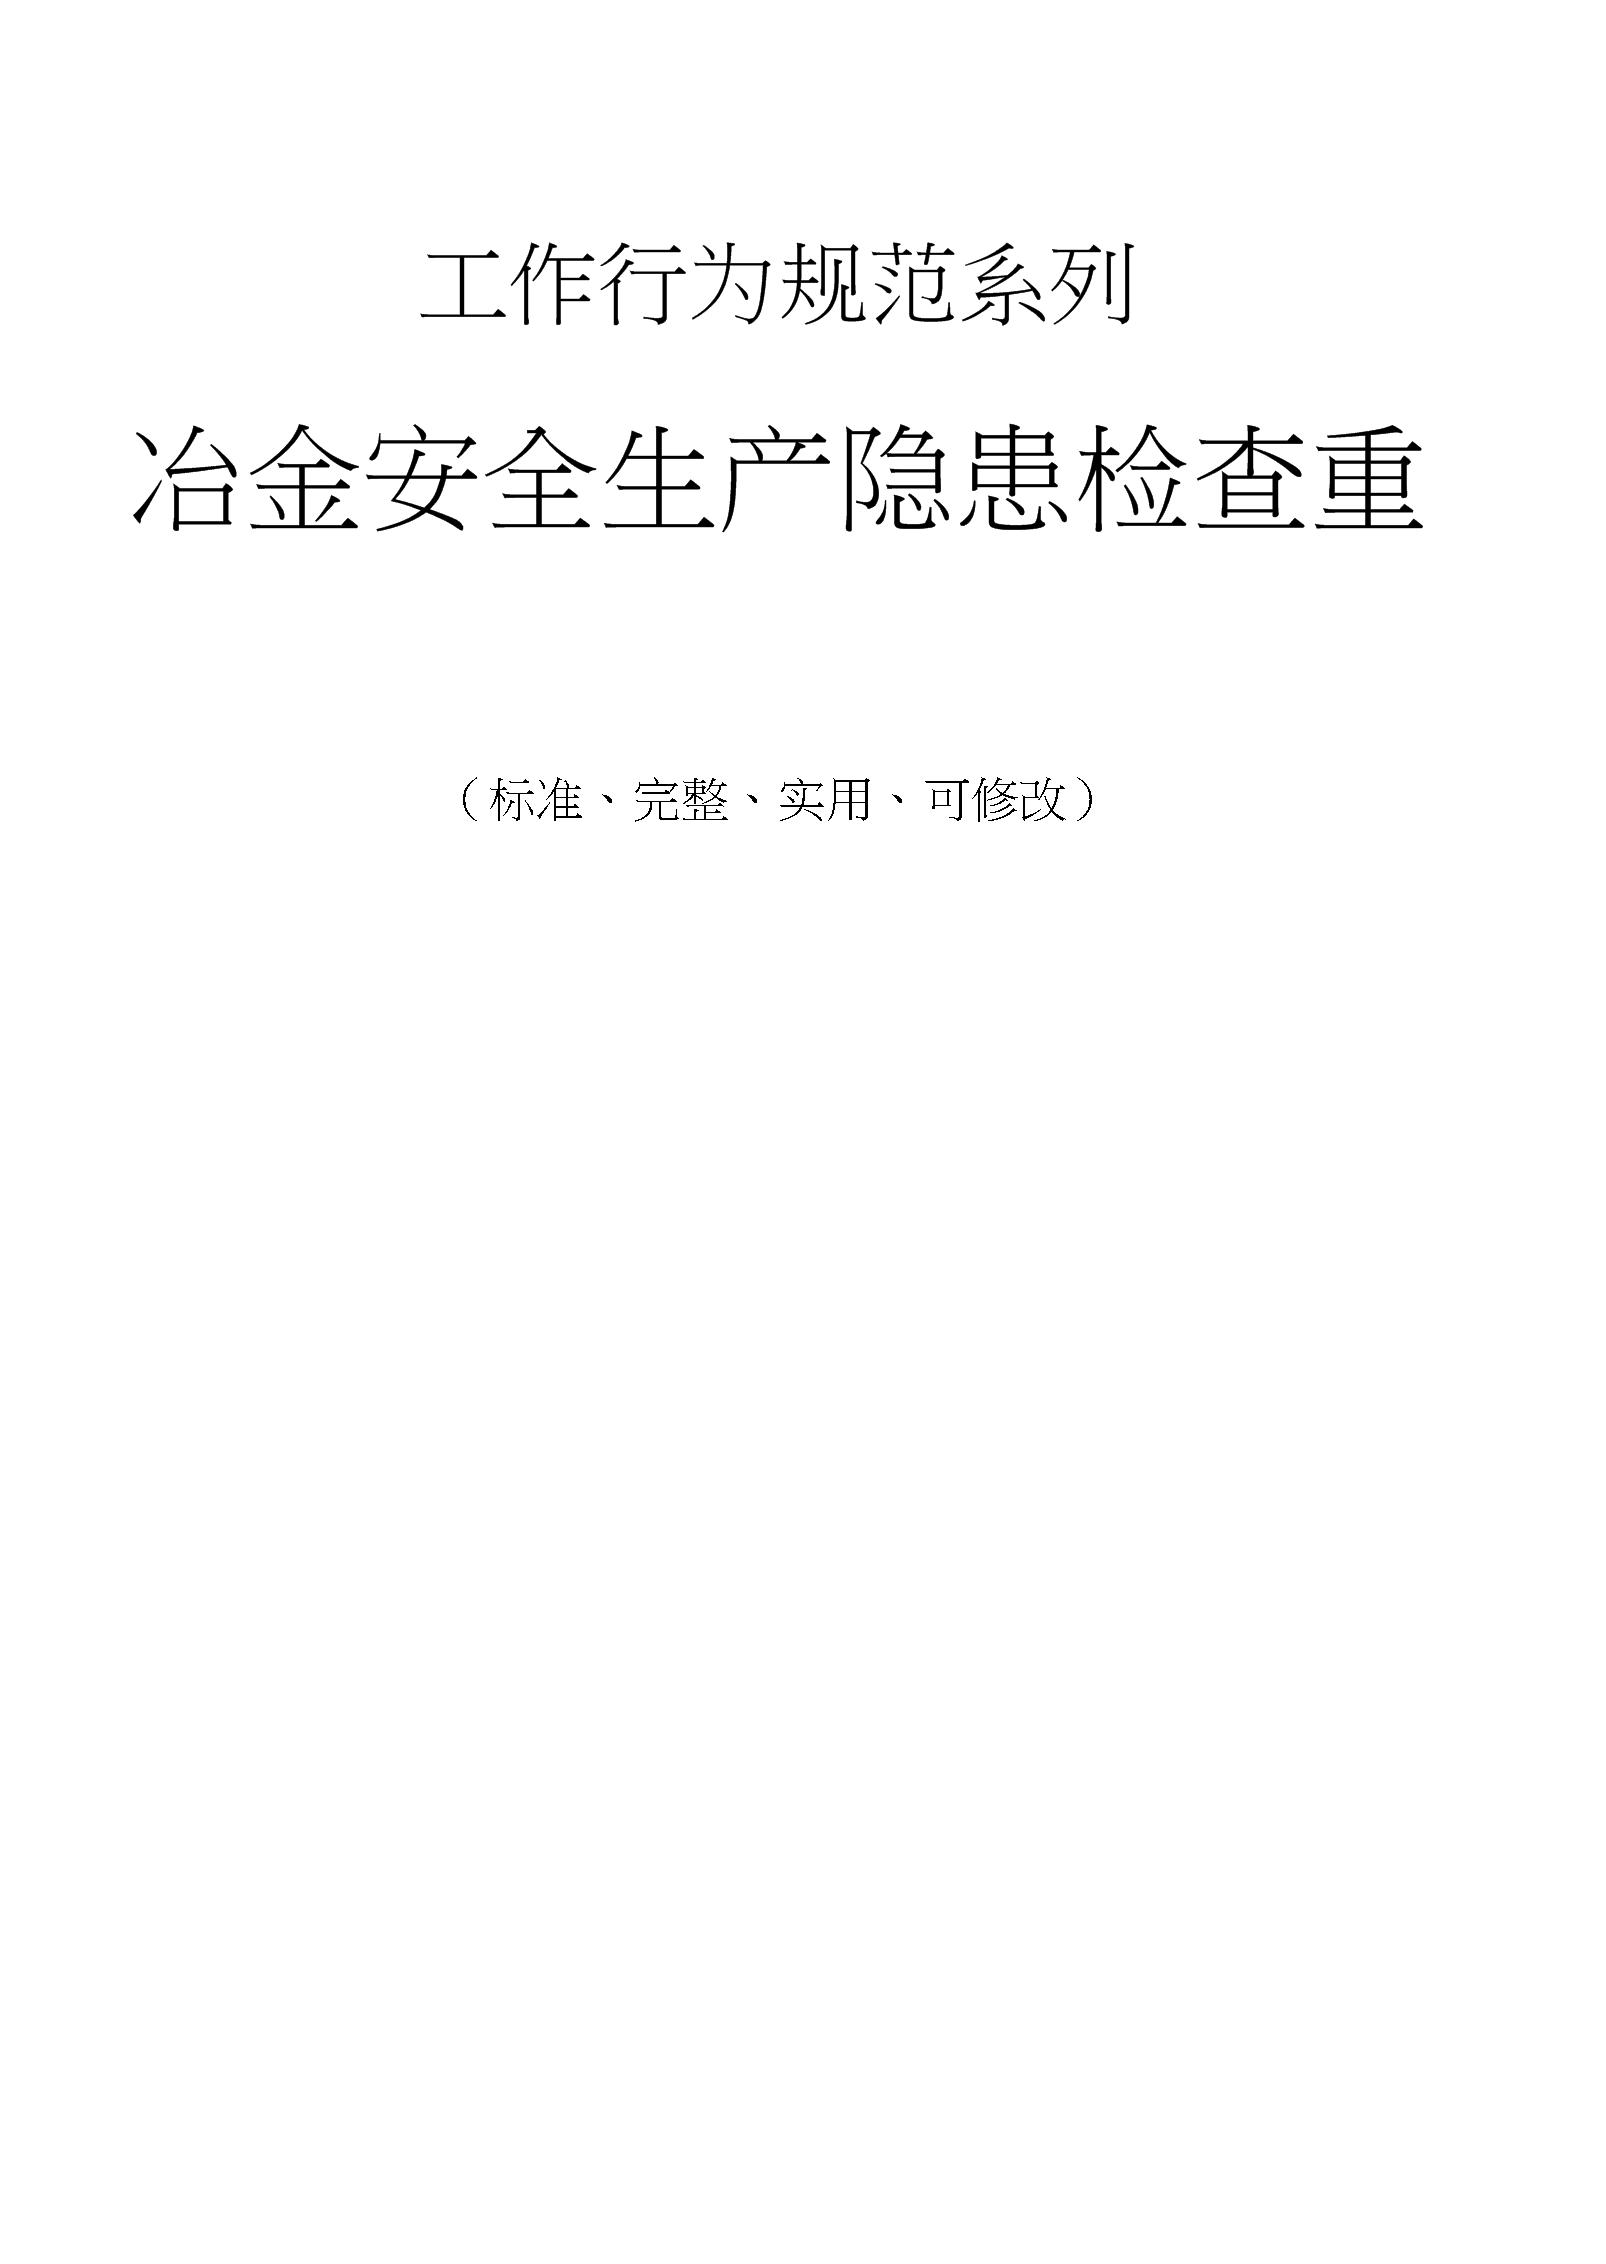 冶金安全生产隐患检查重点.docx